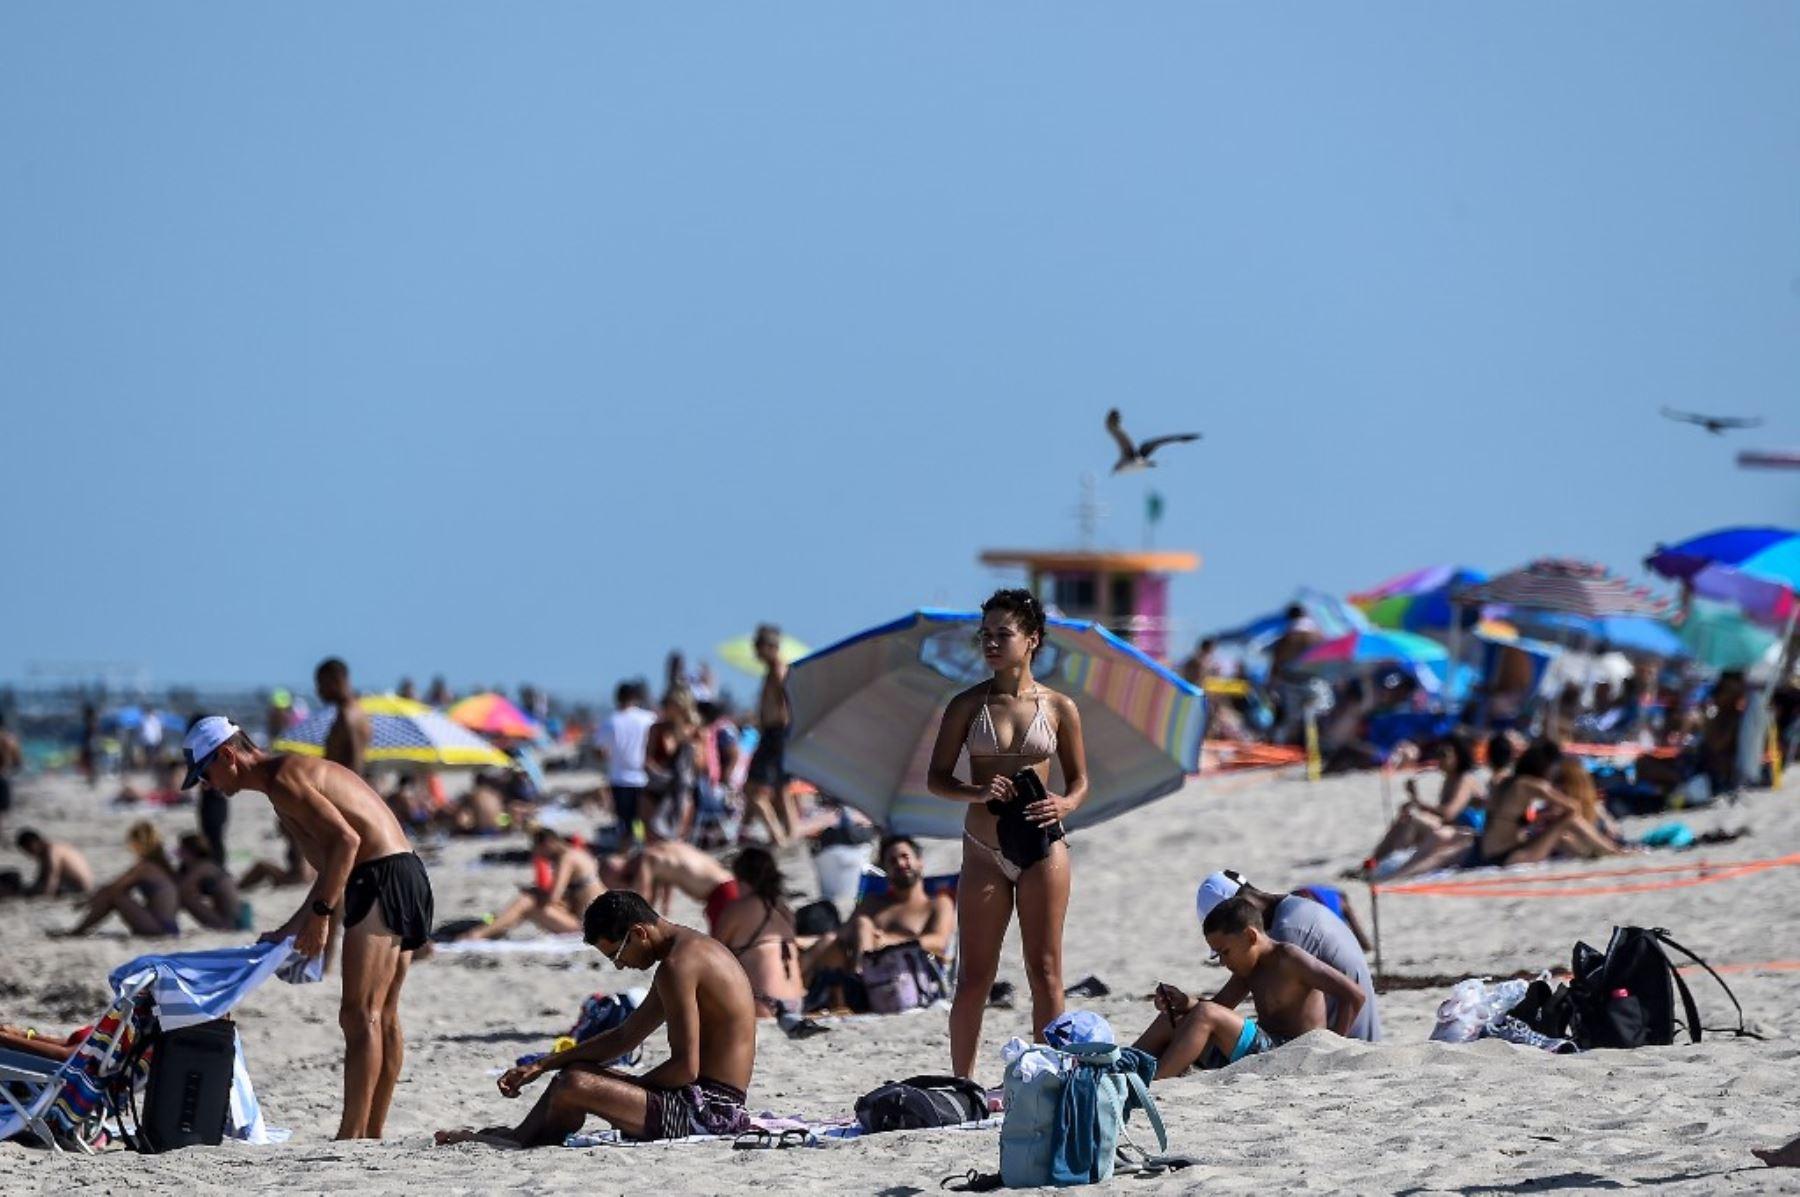 La gente se relaja en Miami Beach, Florida en medio de la pandemia del coronavirus covid-19. Foto: AFP